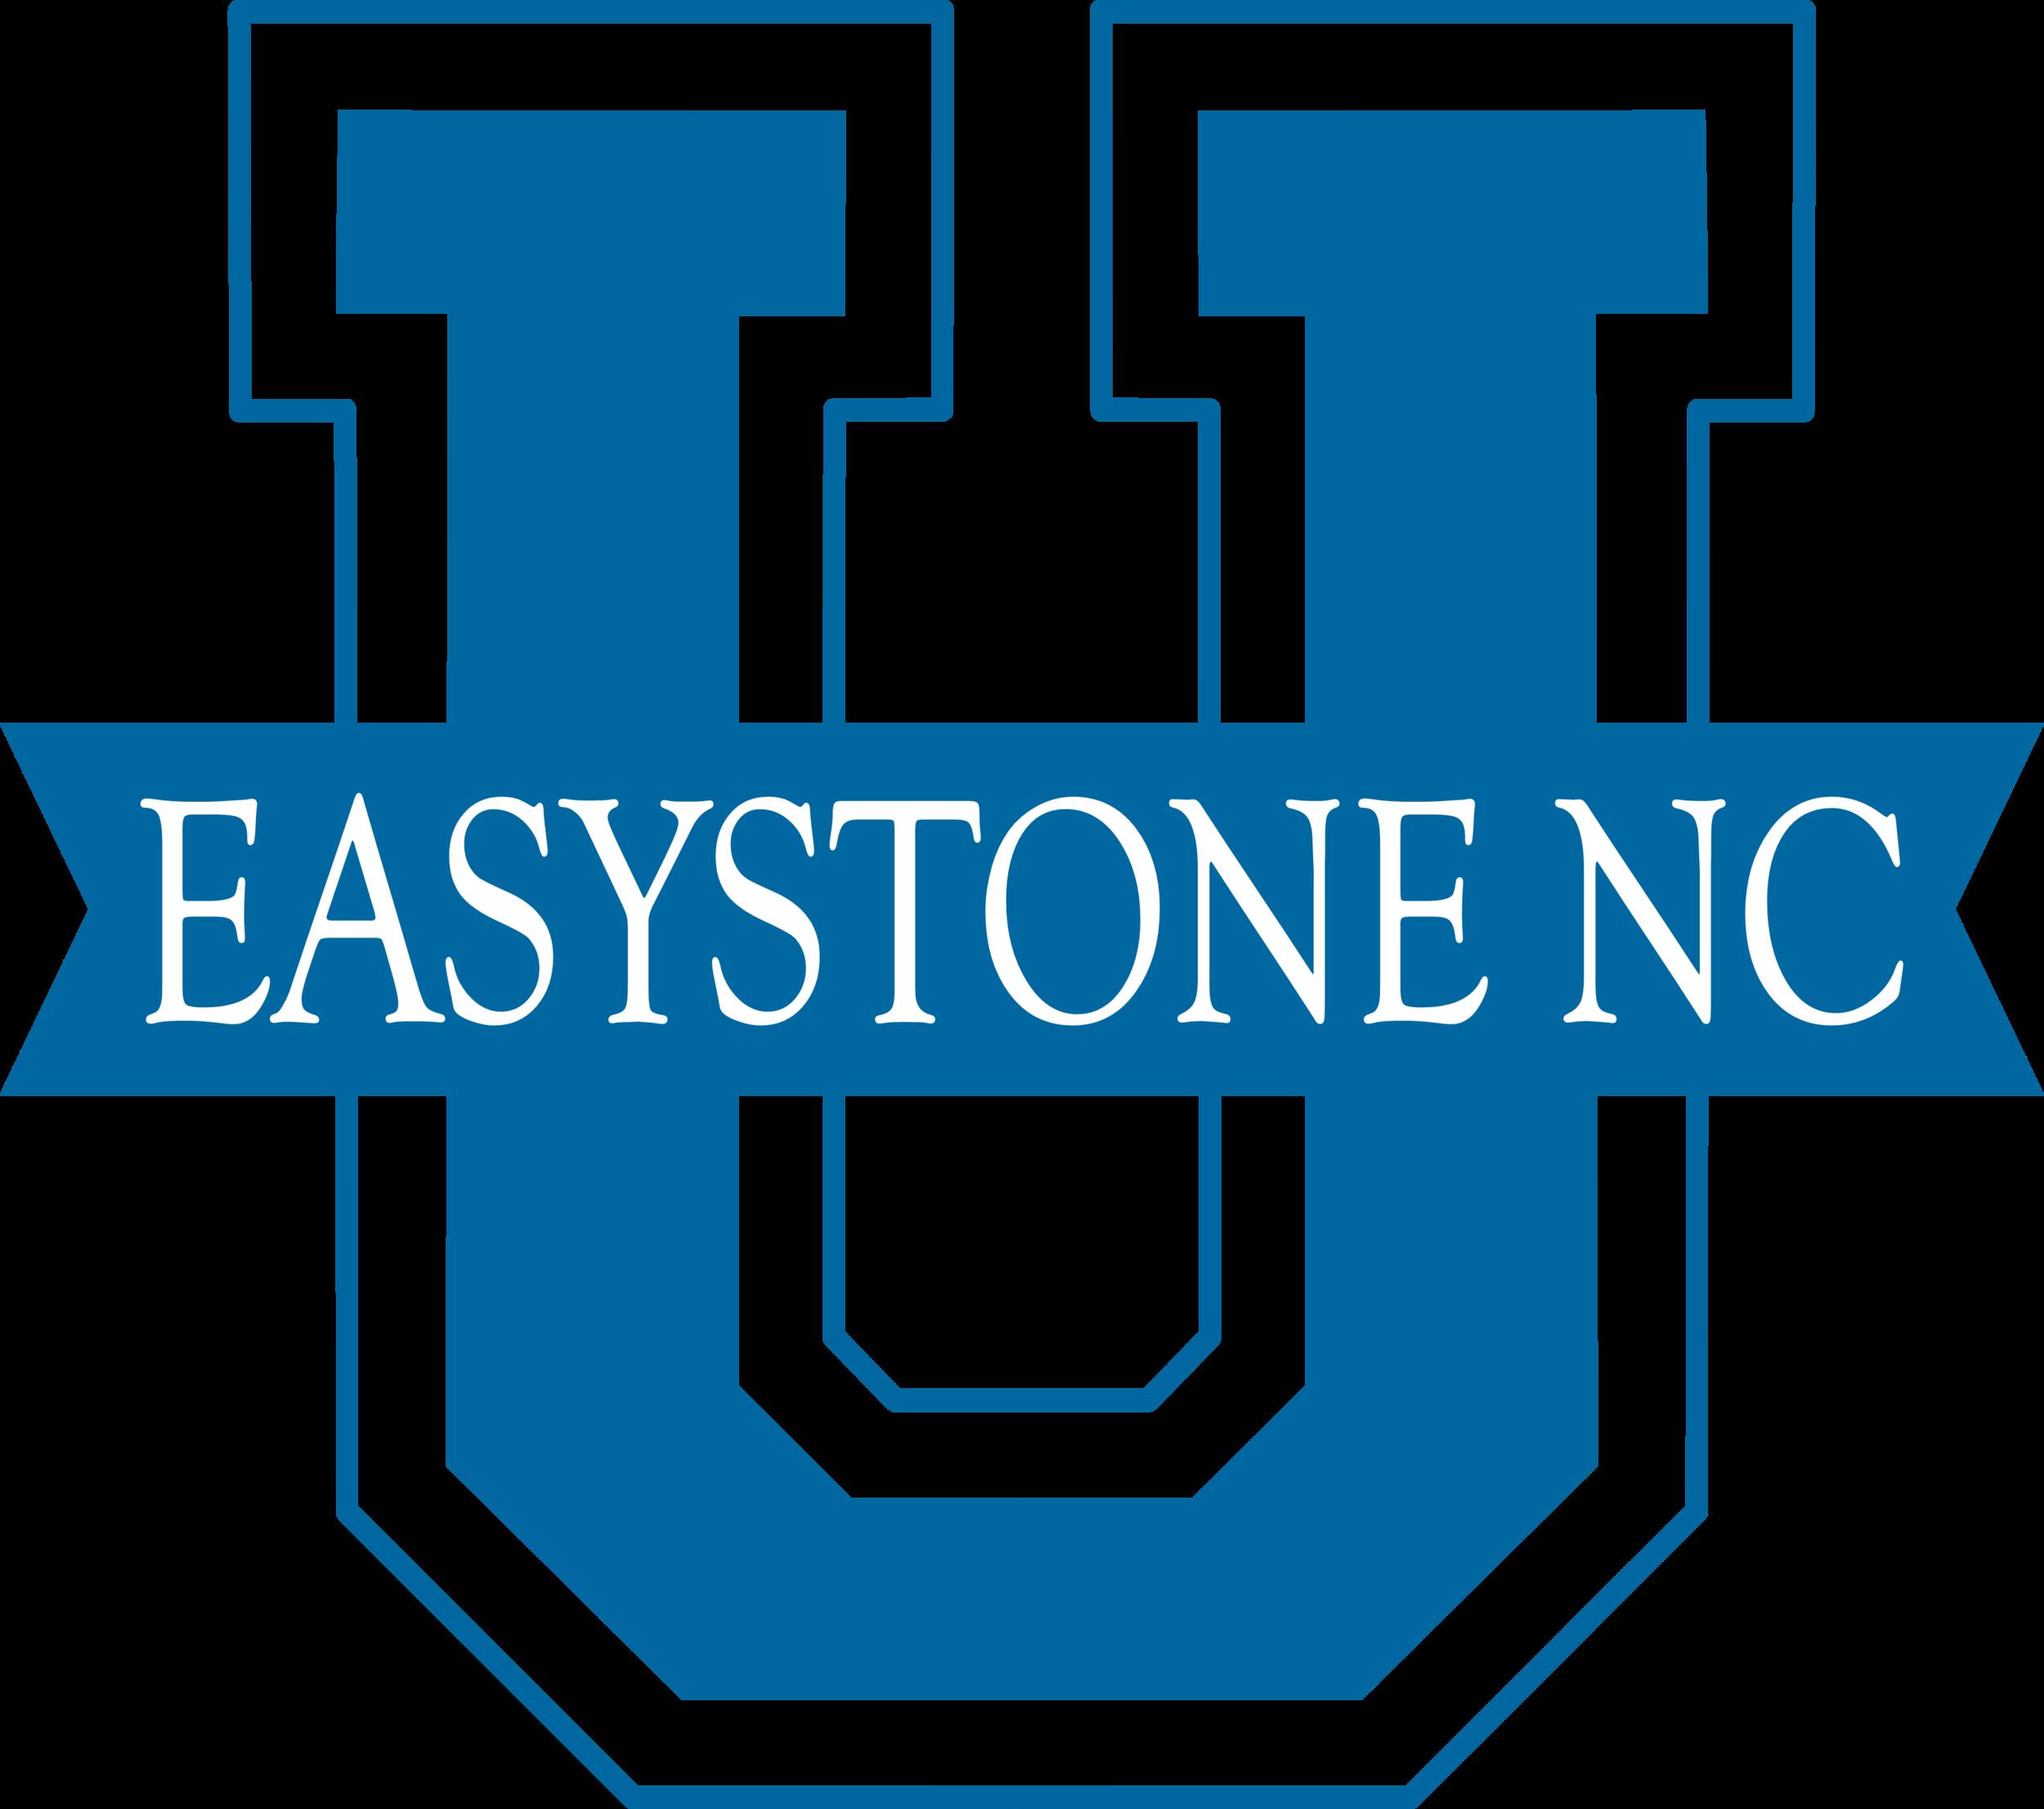 Easystone NC U.png